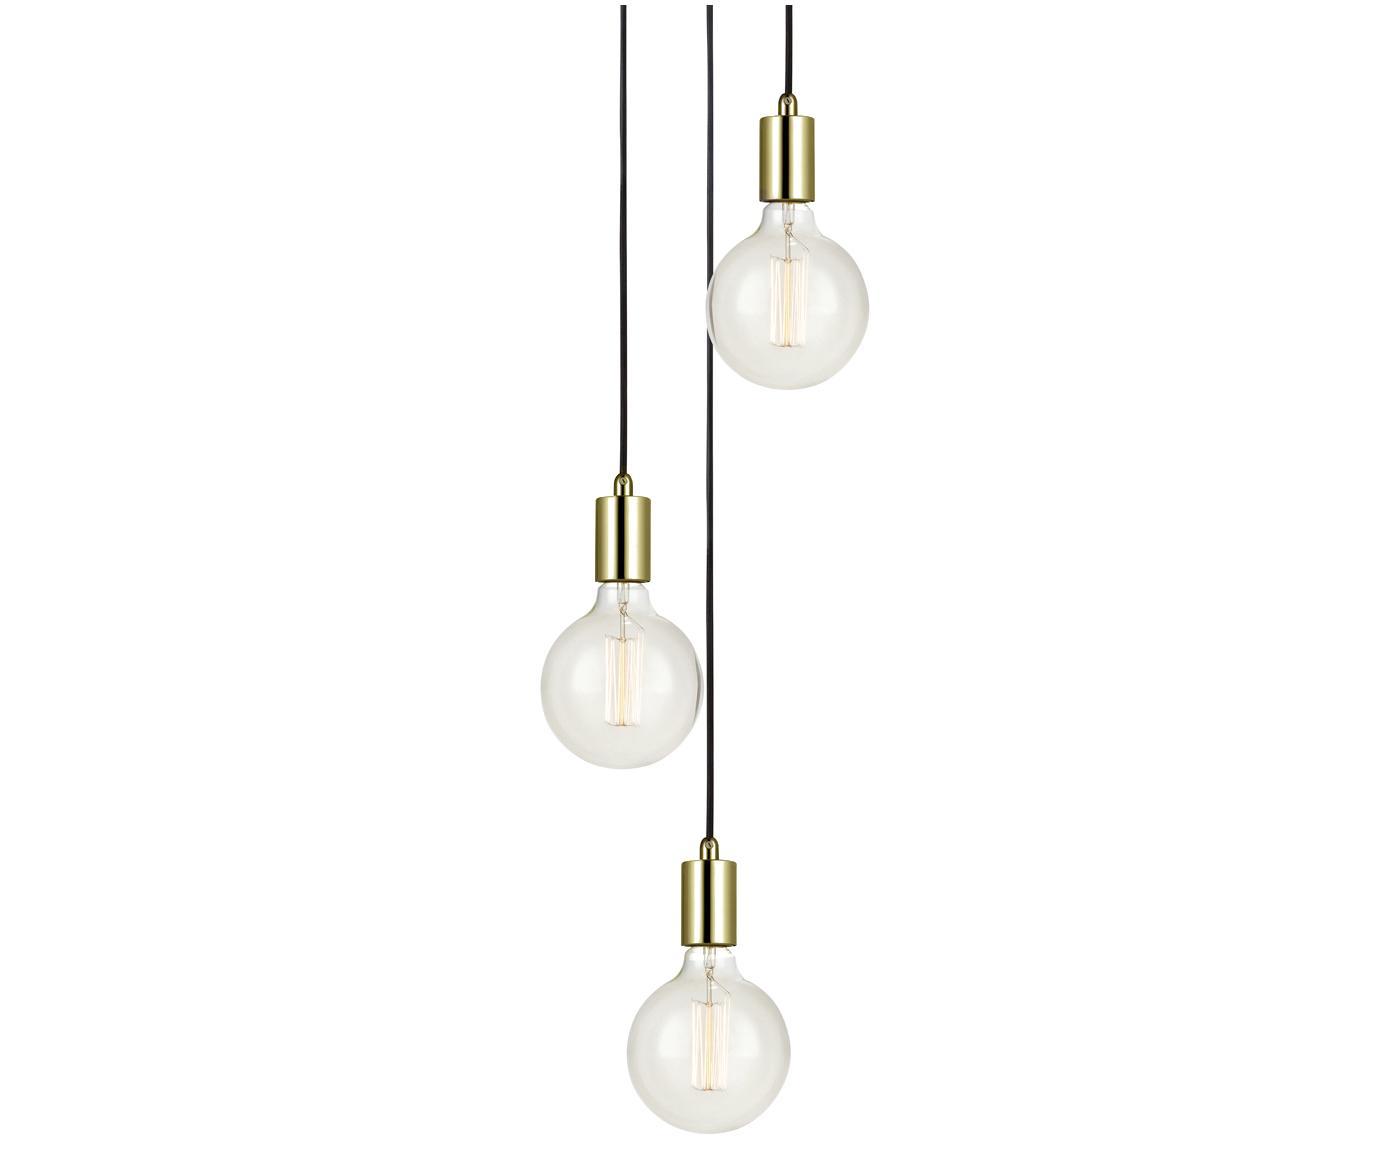 Lampada a sospensione in ottone Sky, Metallo ottonato, Ottone, Ø 25 x Alt. 150 cm